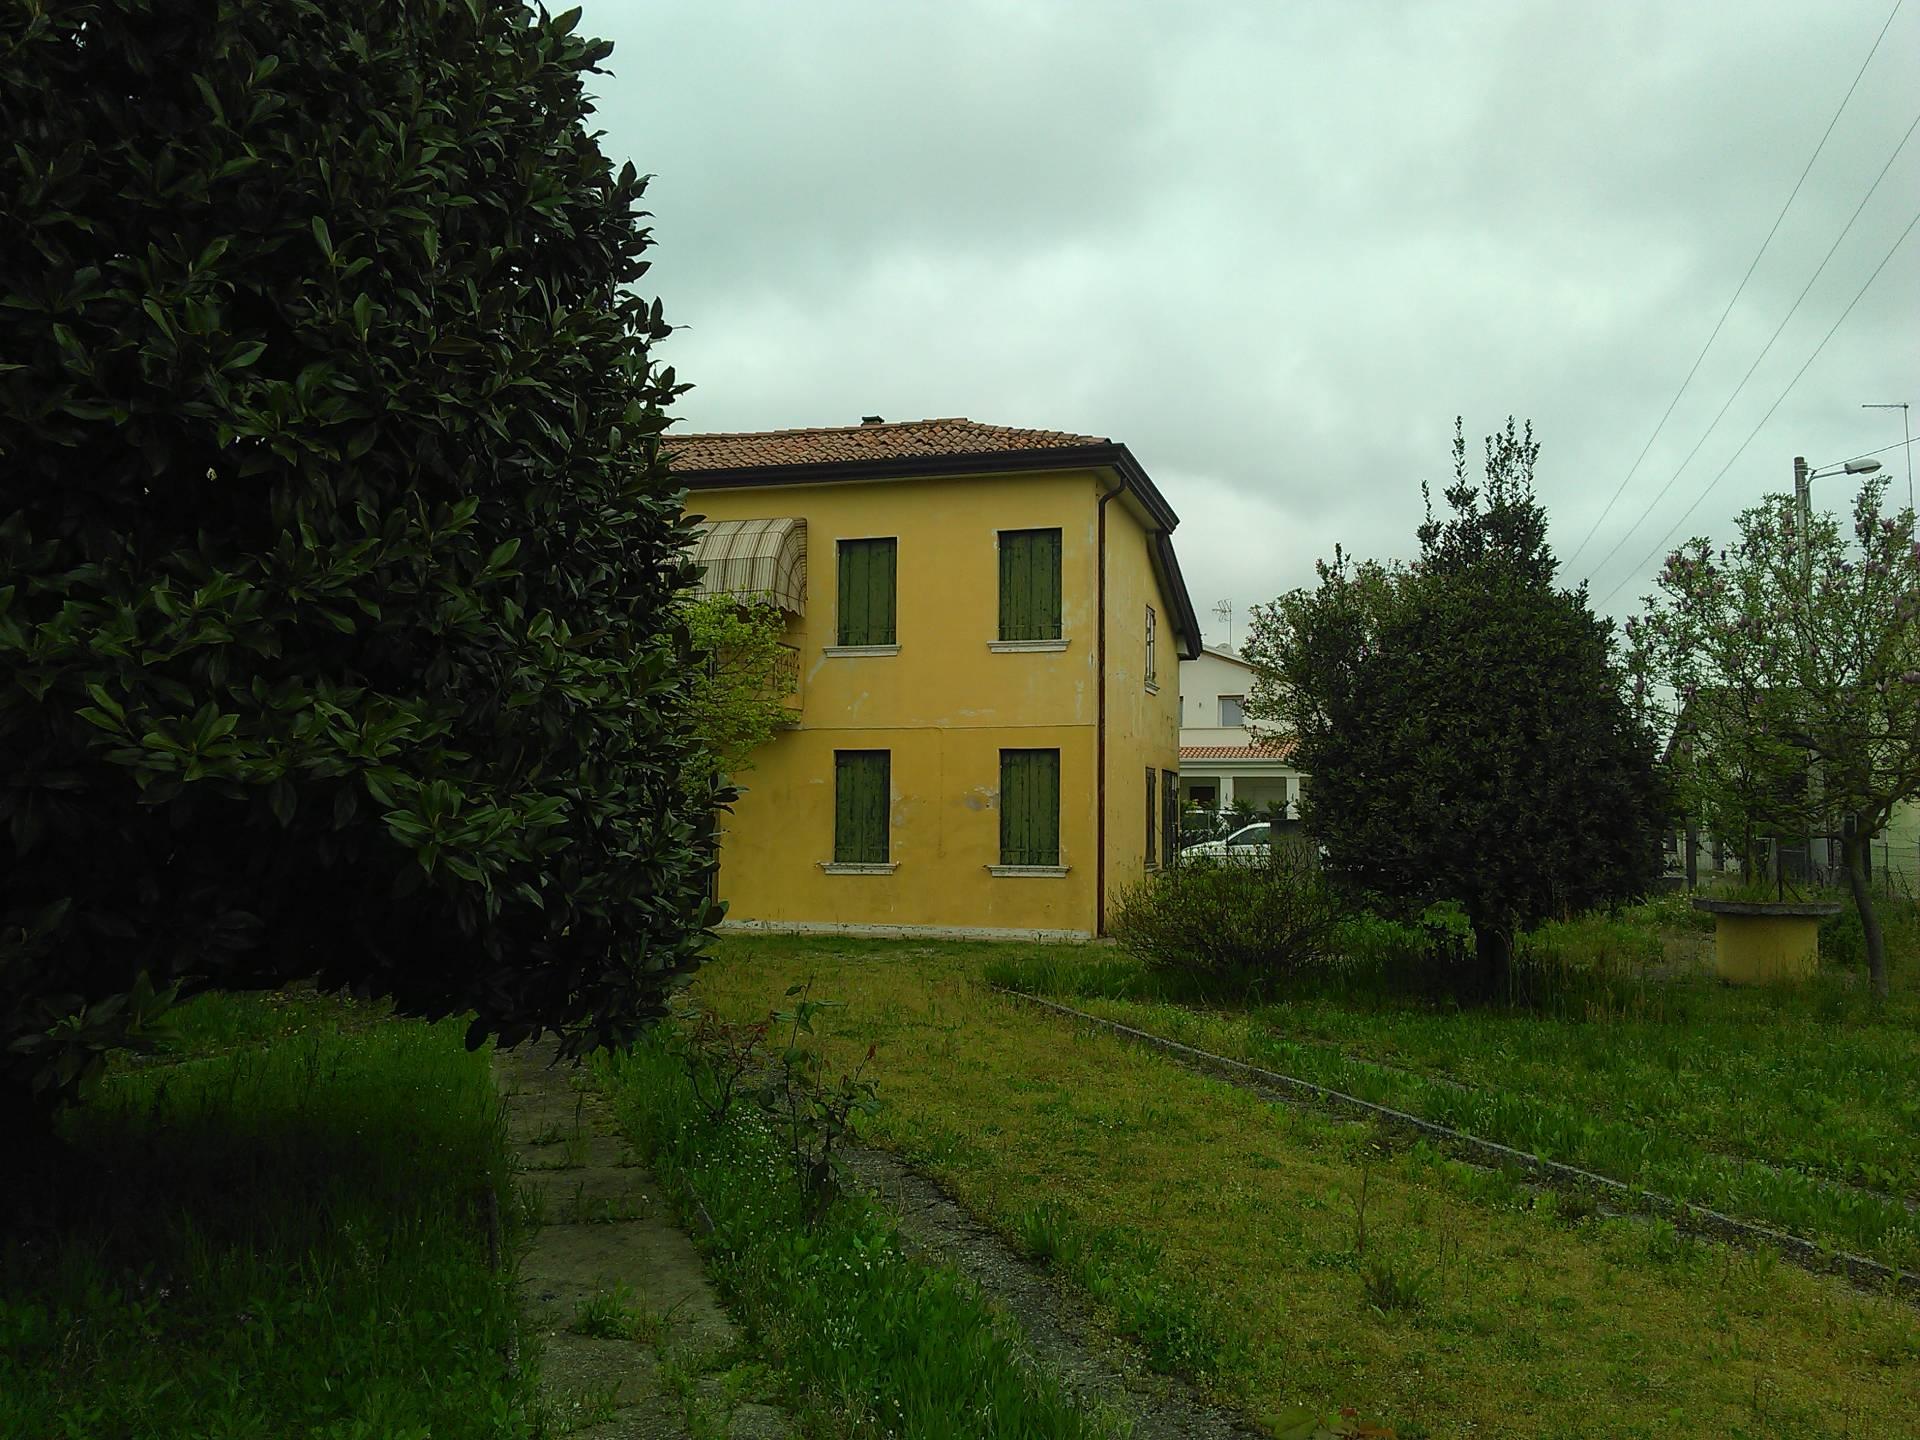 Rif i ea590 casa indipendente in vendita a venezia mestre for Casa suocera in vendita